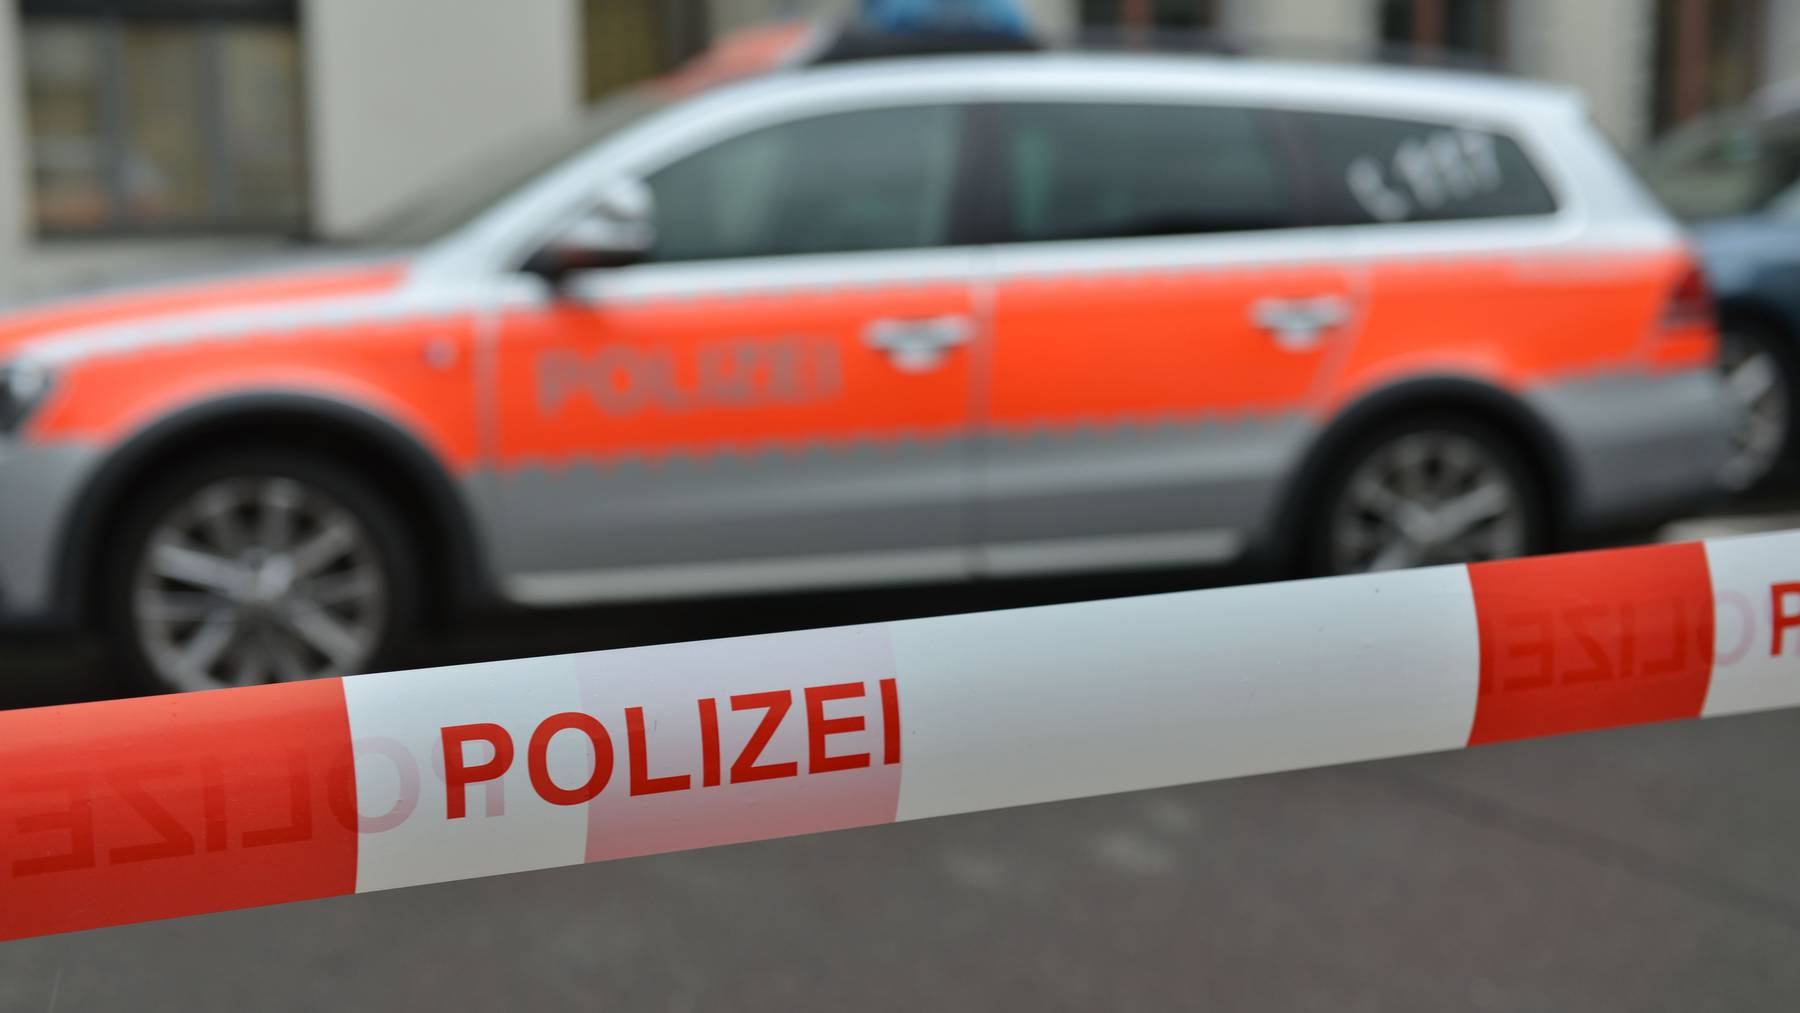 Polizeiauto der Luzerner Polizei